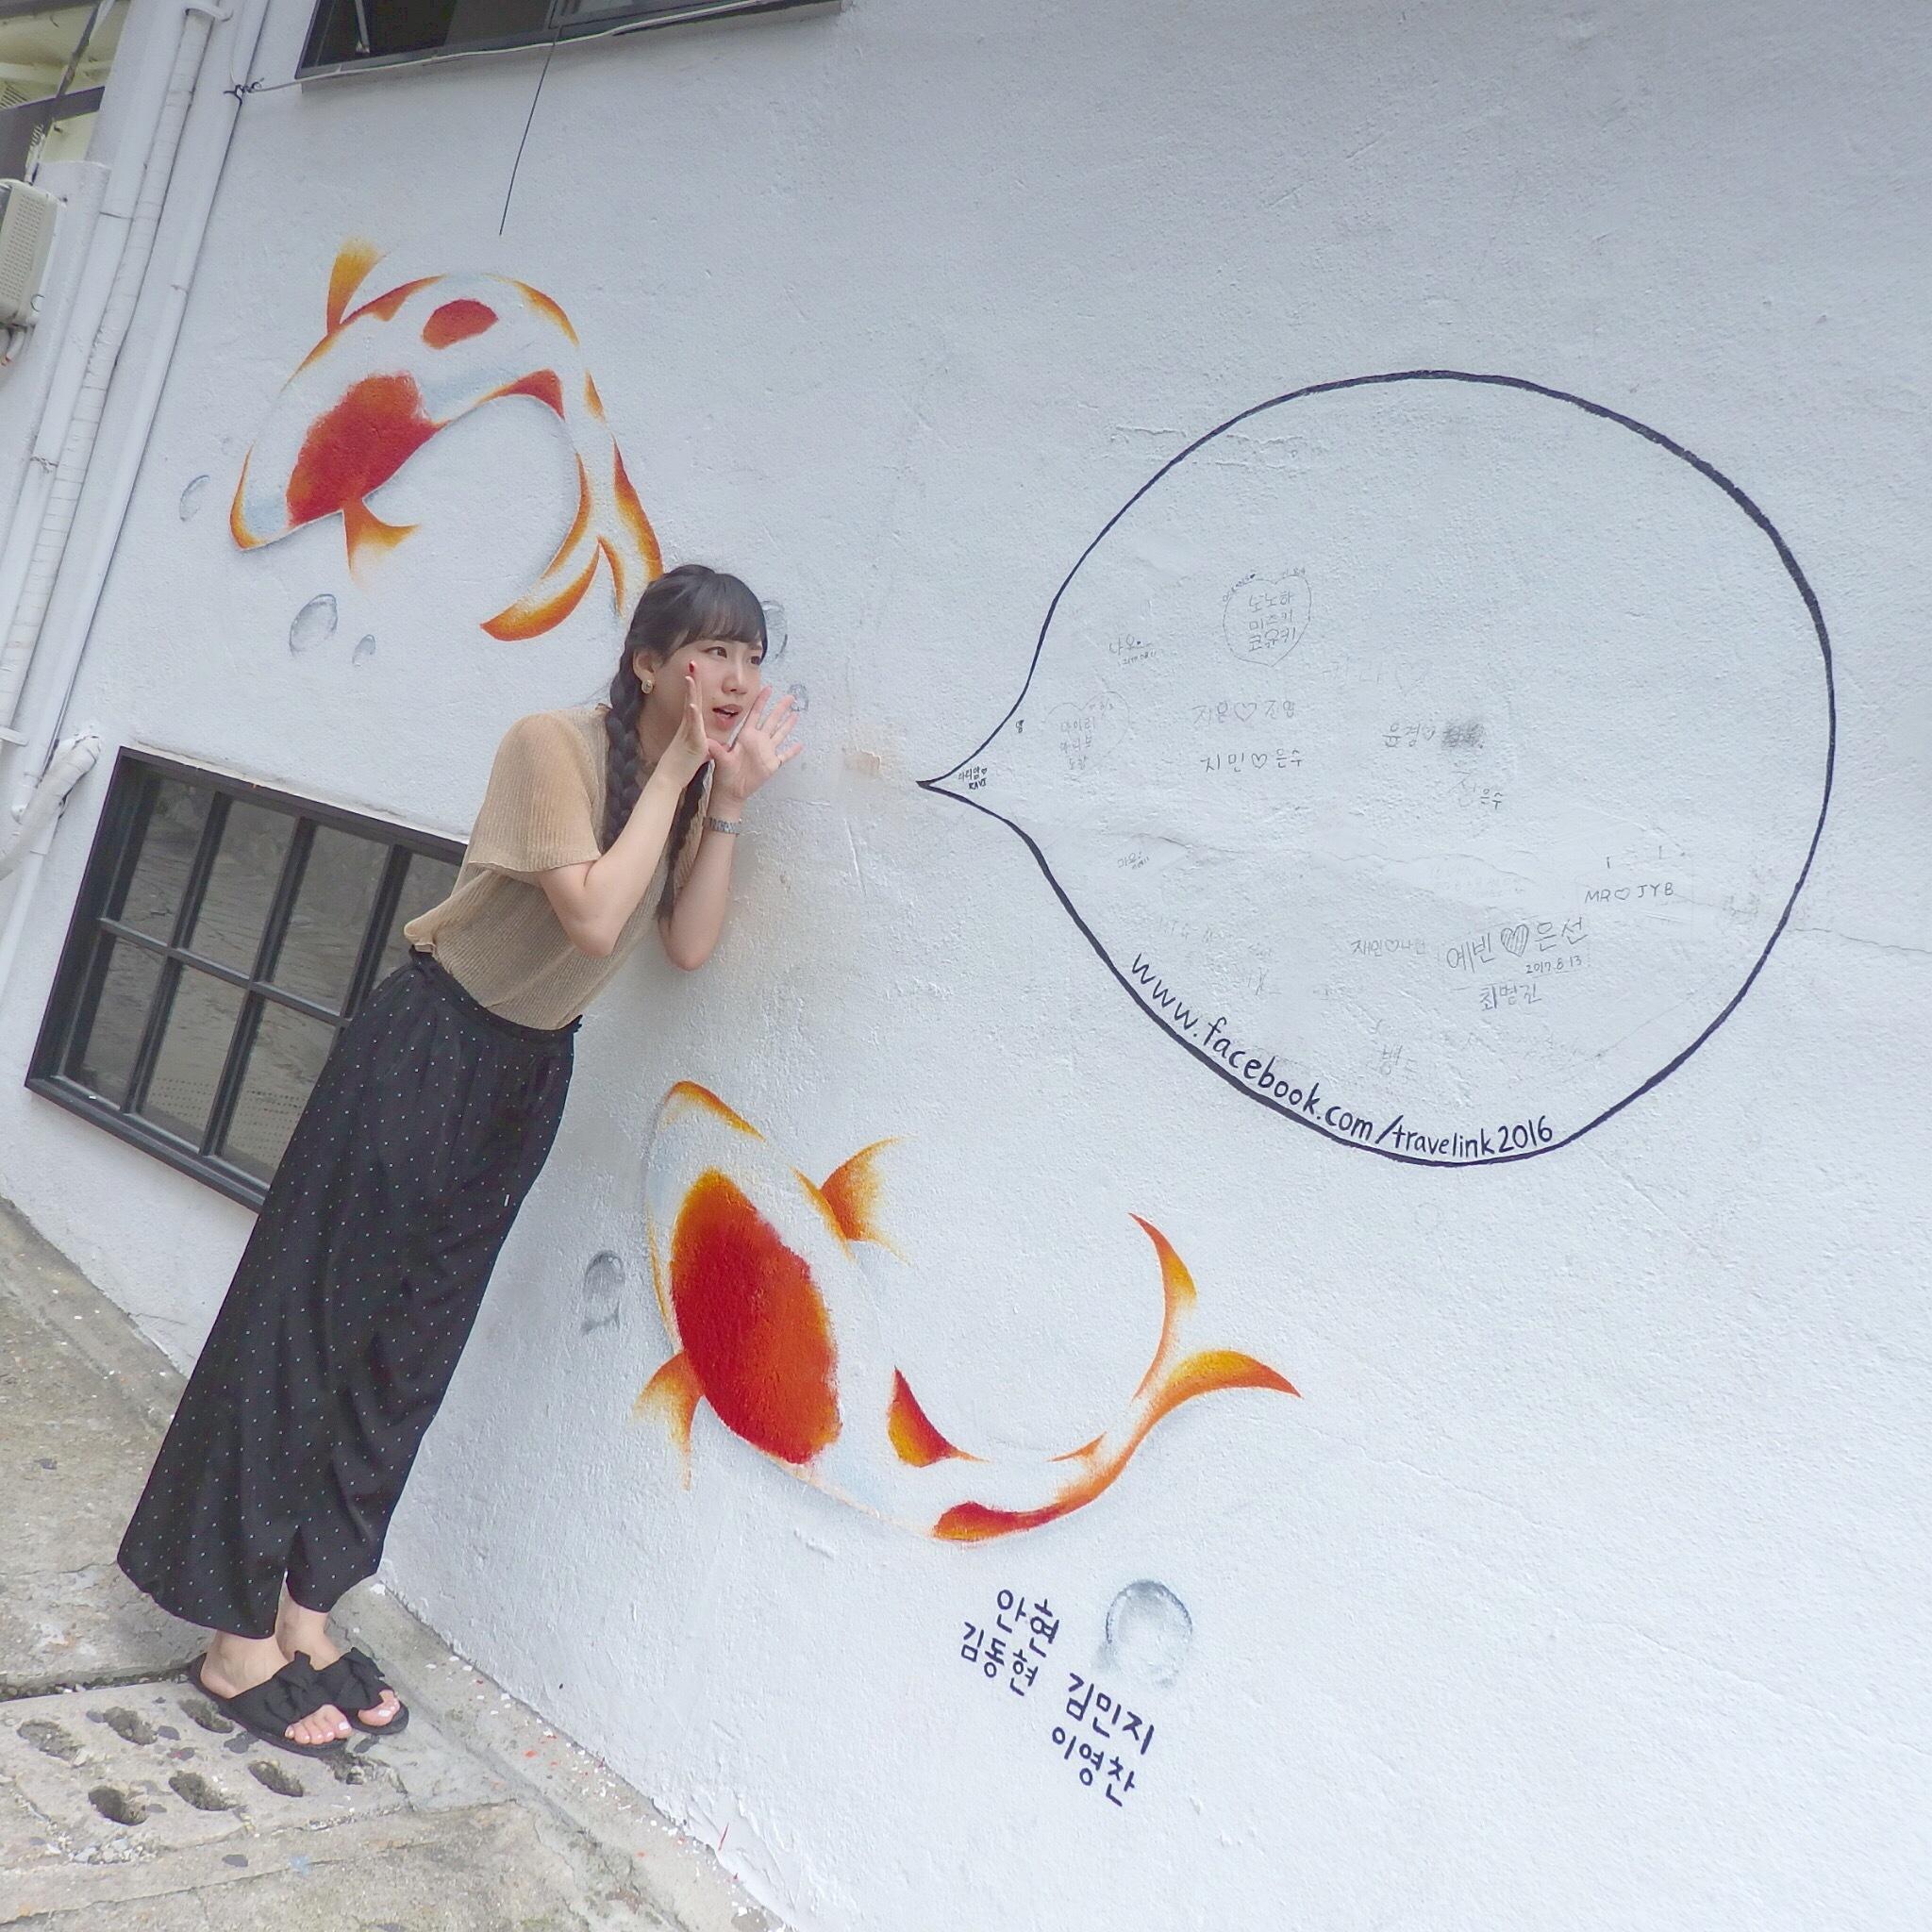 可愛い壁がたくさん!フォトスポット♥IN 韓国_1_3